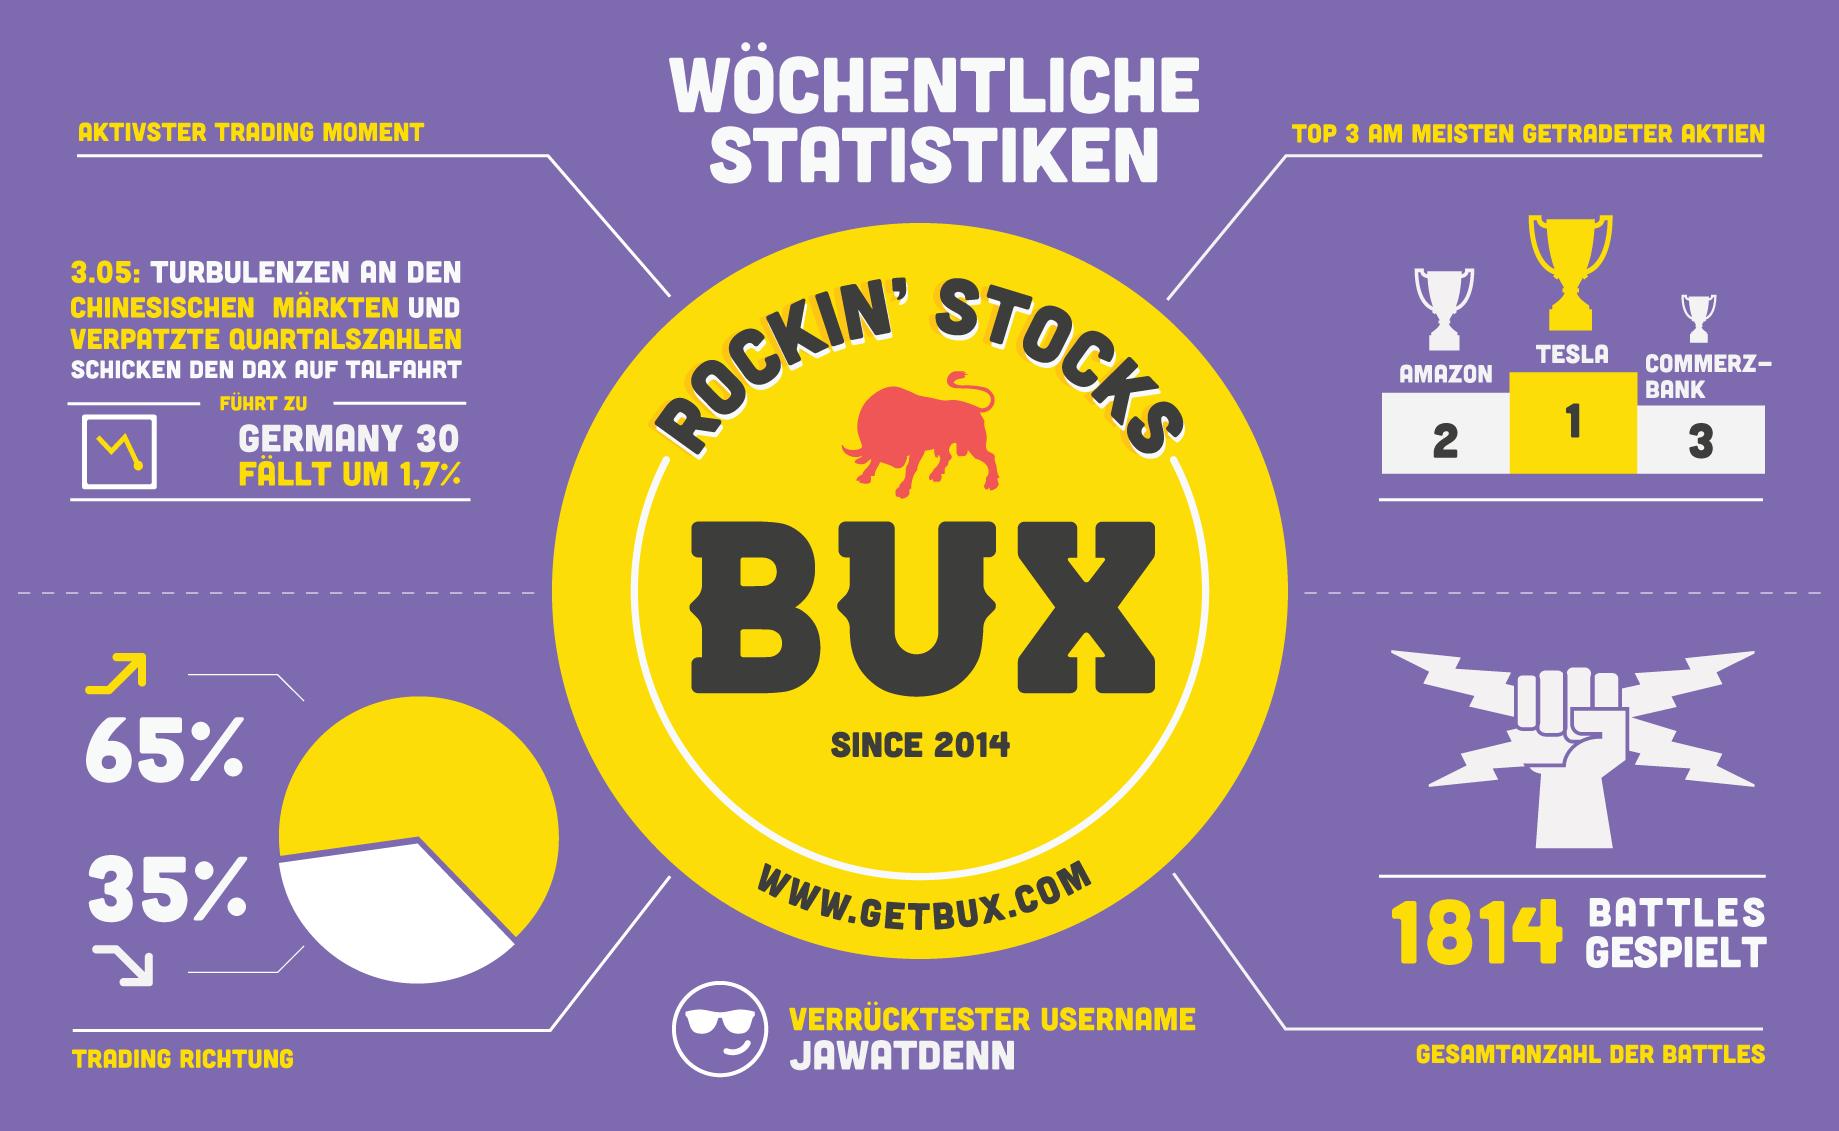 Und wöchentlich grüßt die BUX Statistik: Was haben unsere User in dieser Woche alles auf den Märkten erlebt? (beachte: du kannst Geld verlieren)